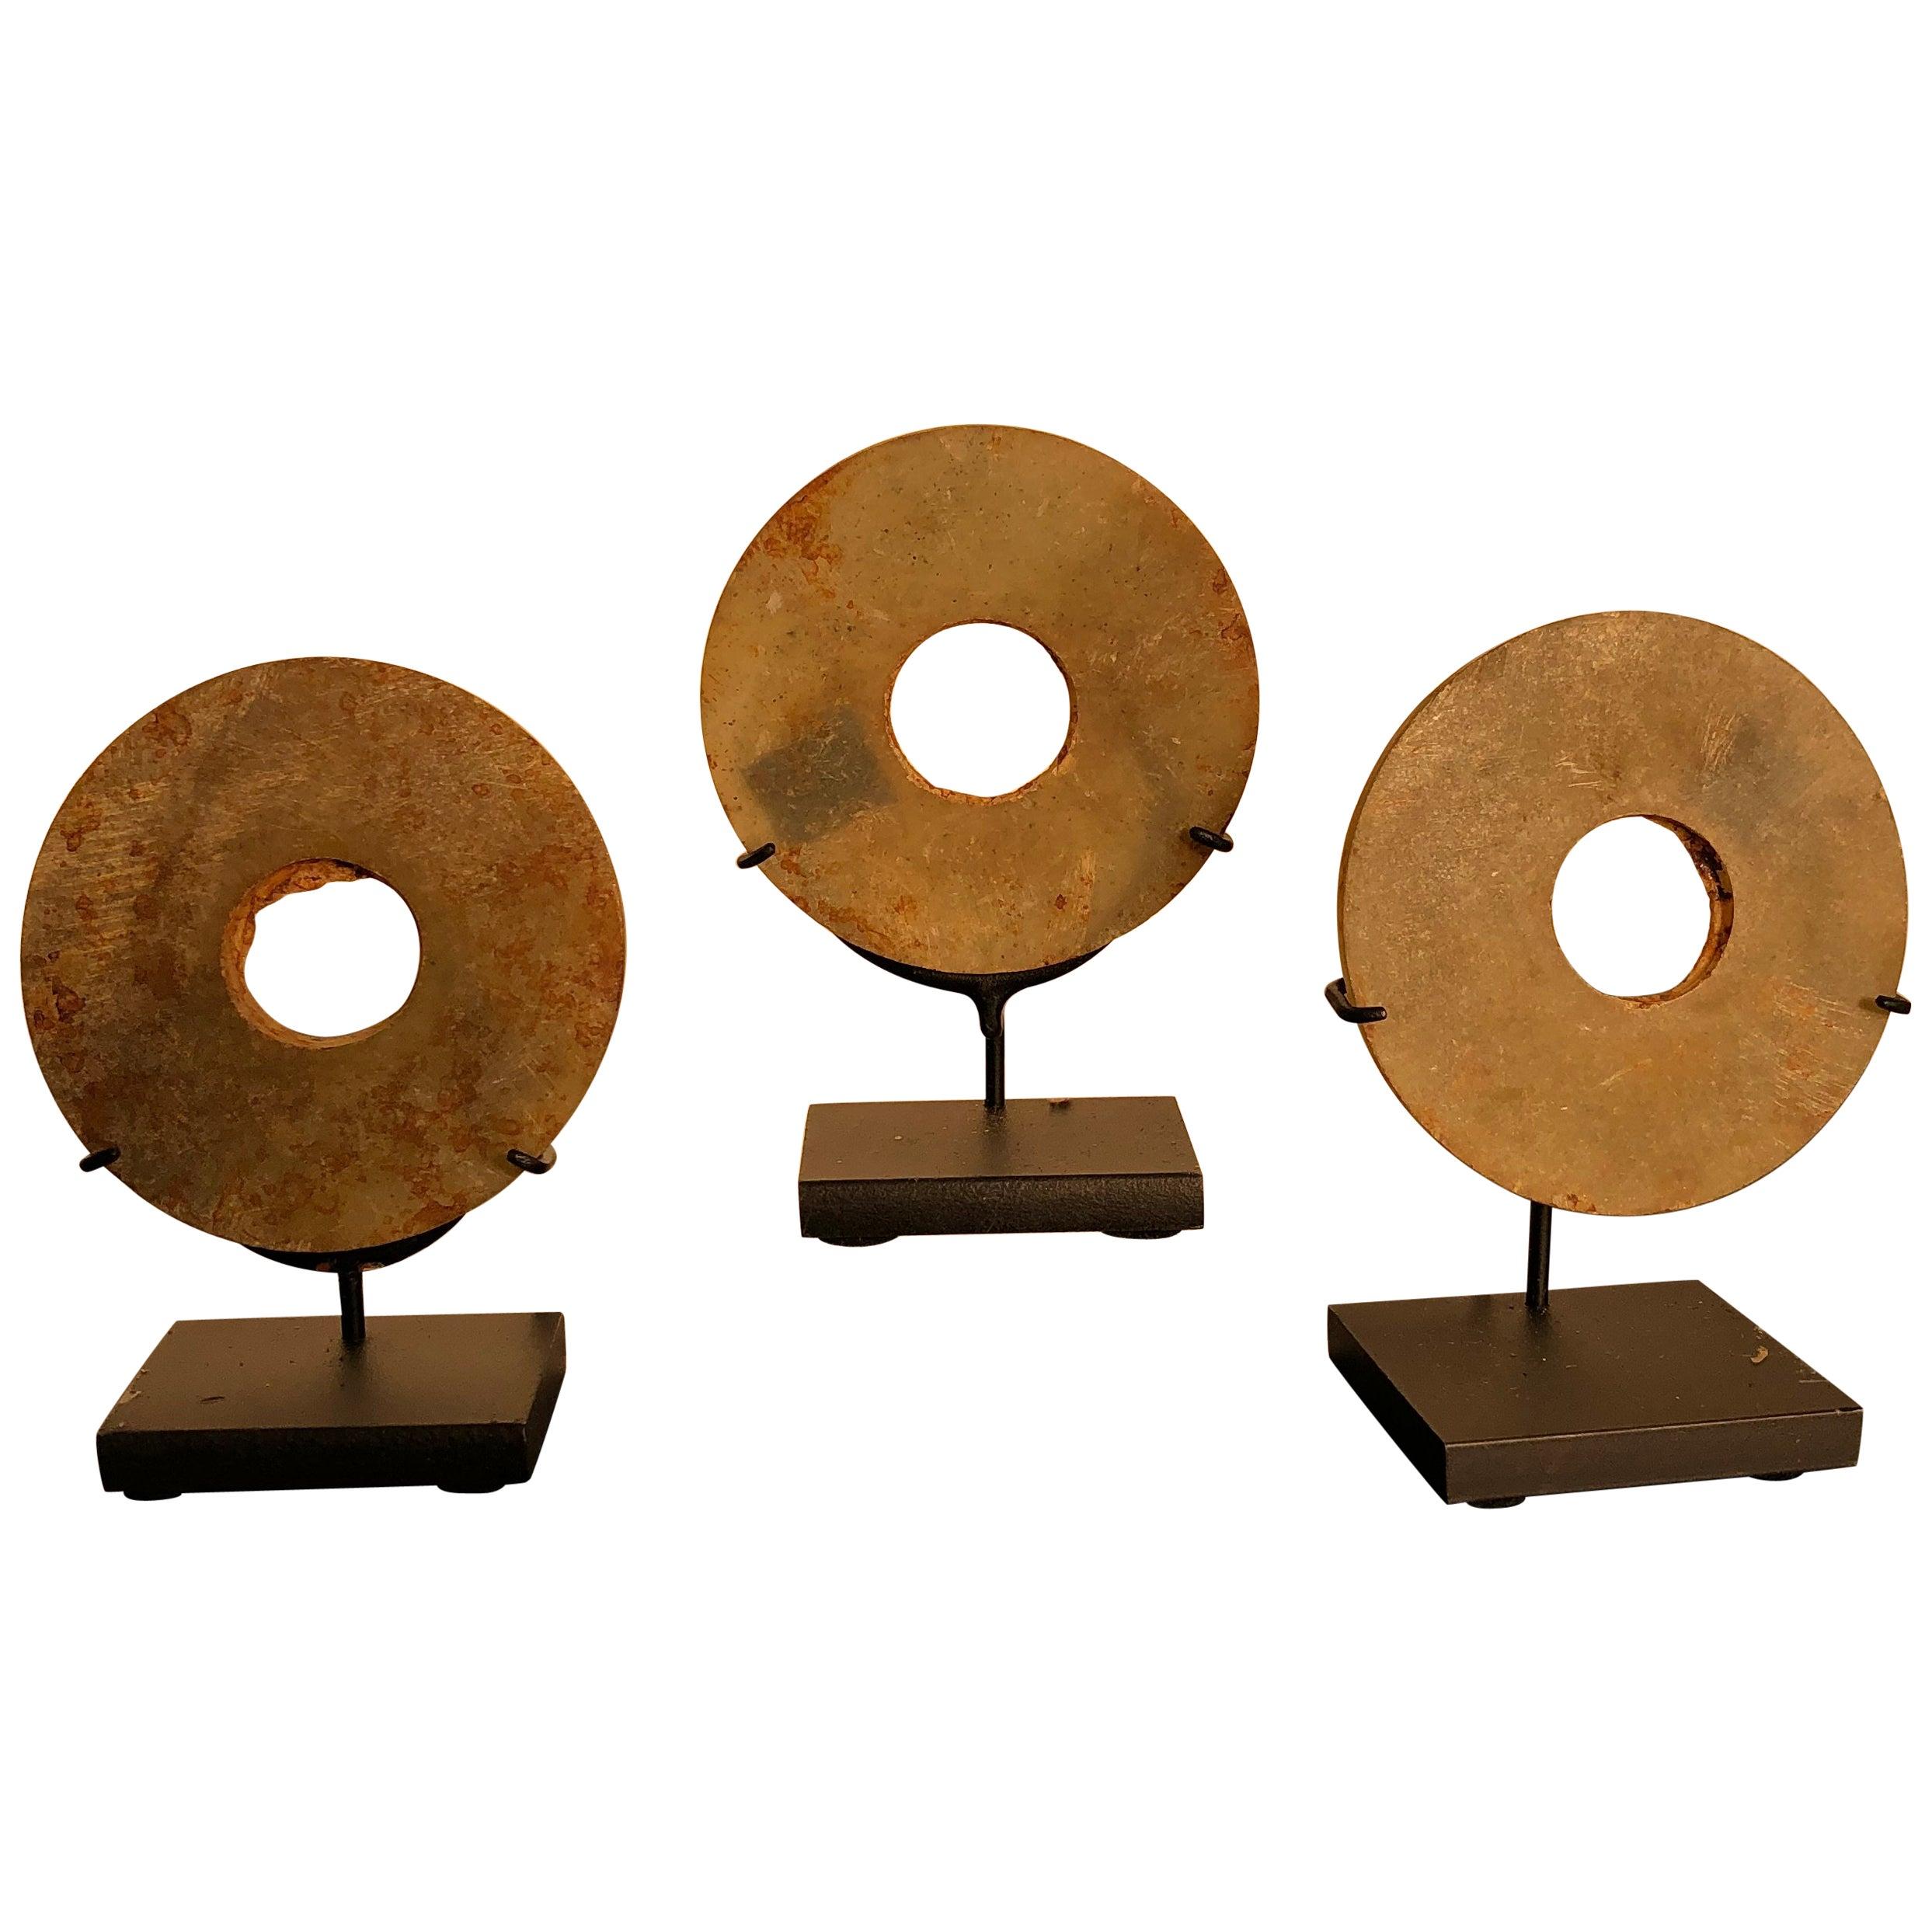 Ancient Chinese Handmade Jade Bi Group Three Genuine Artifacts from 2000 BC